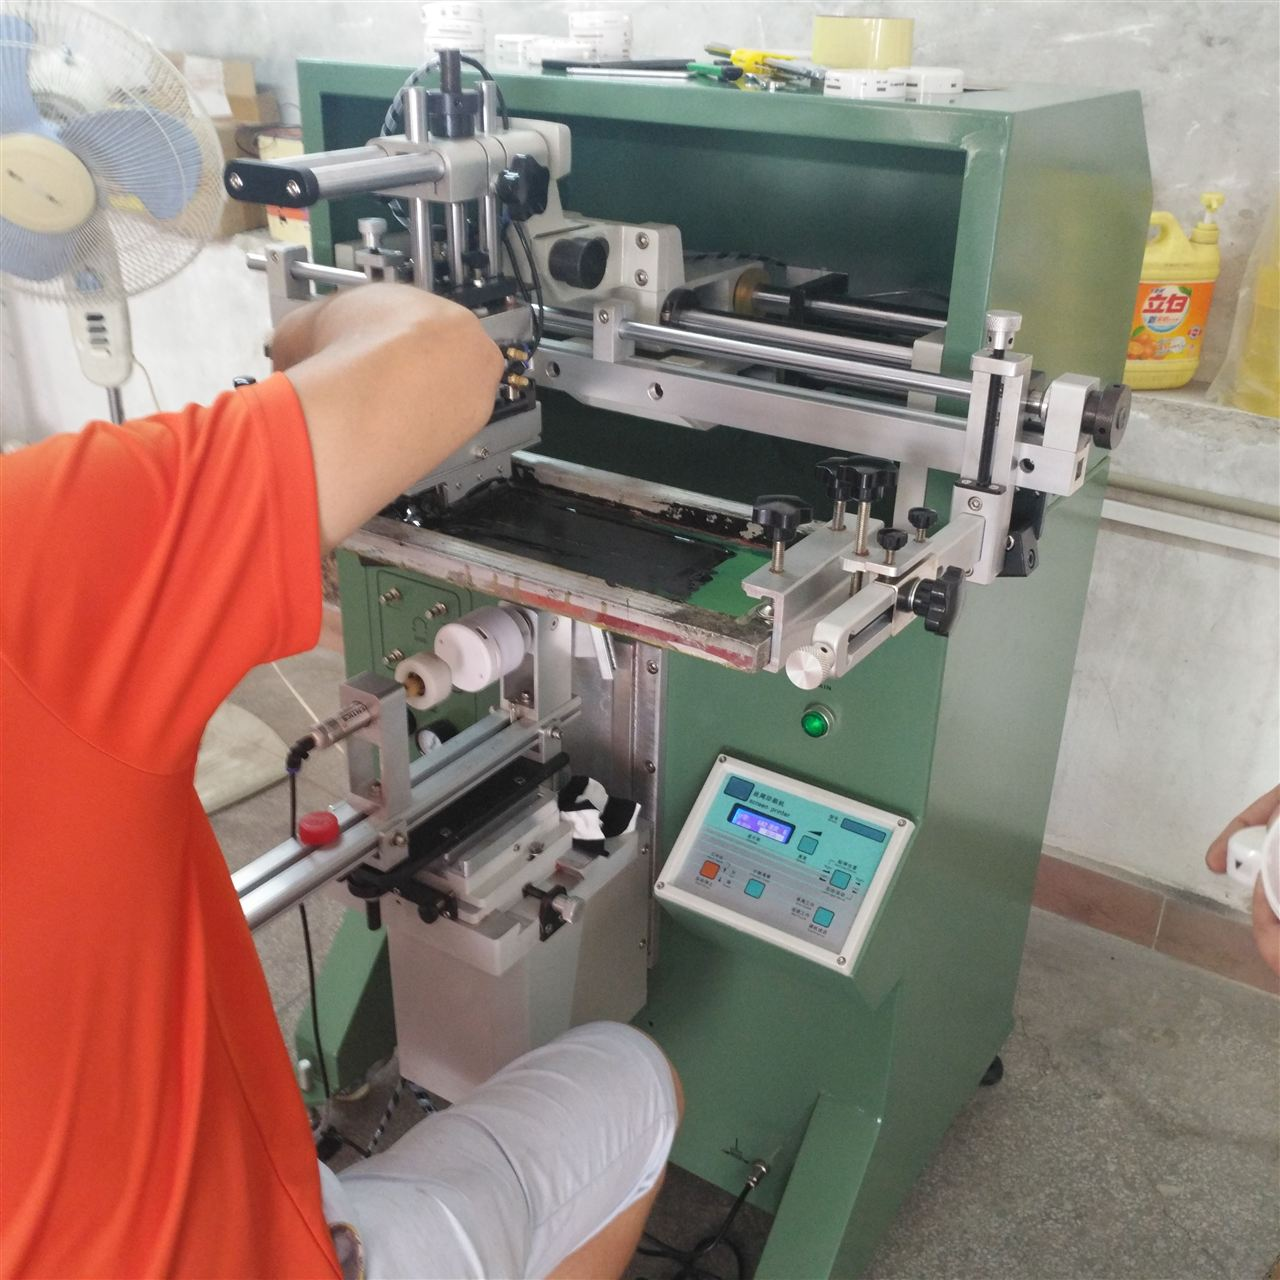 瓶印刷机金属朔料杯子水晶丝印机_印刷设备_胸章胶圆形图片